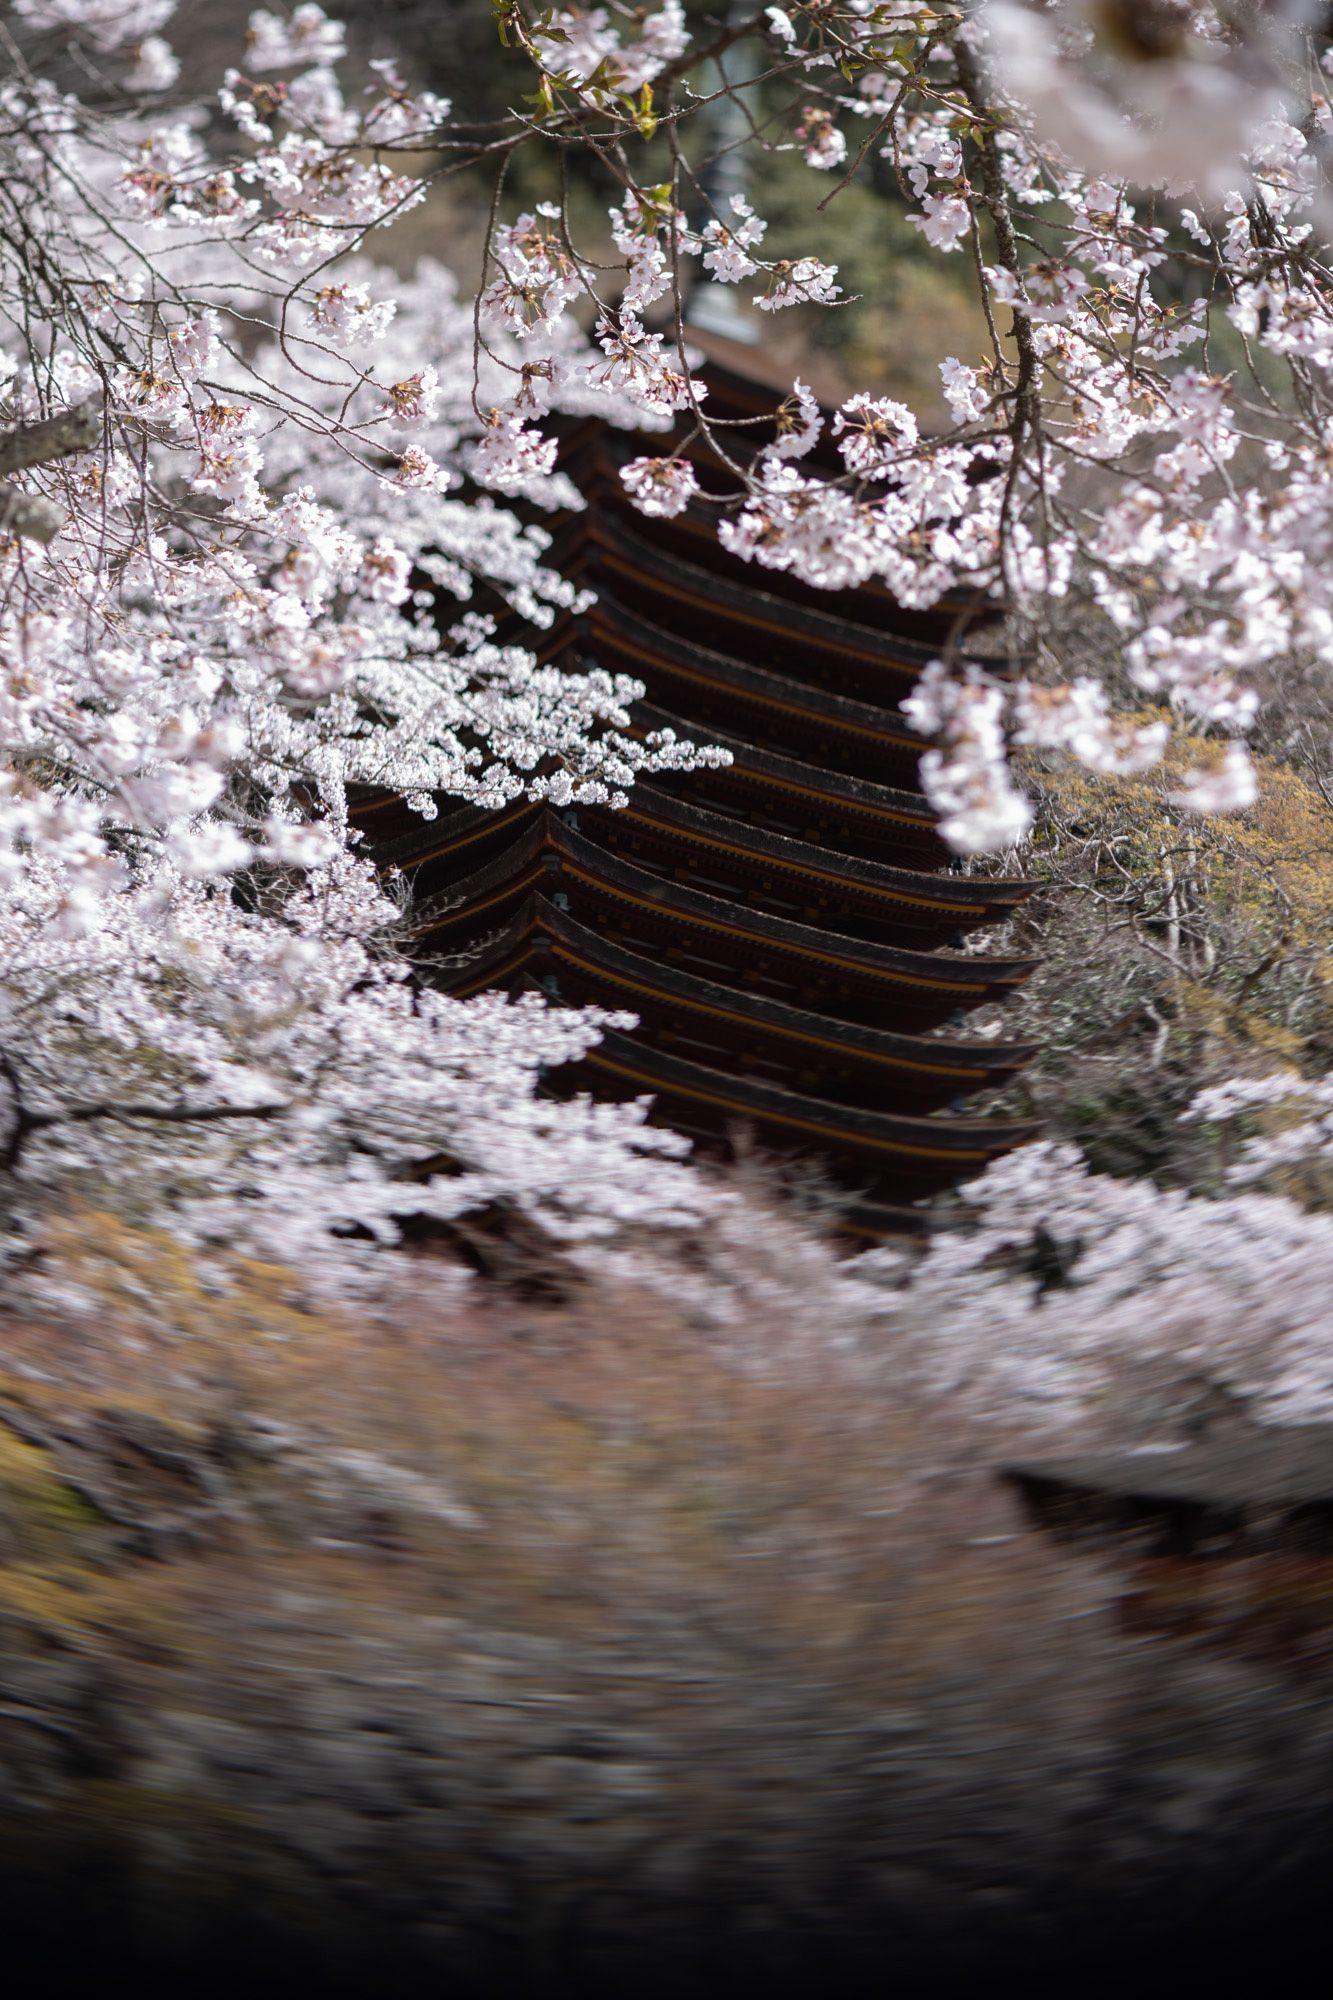 寒の戻りのために例年より遅く満開を迎えた桜の花の下で、多武峰談山能が始まる。